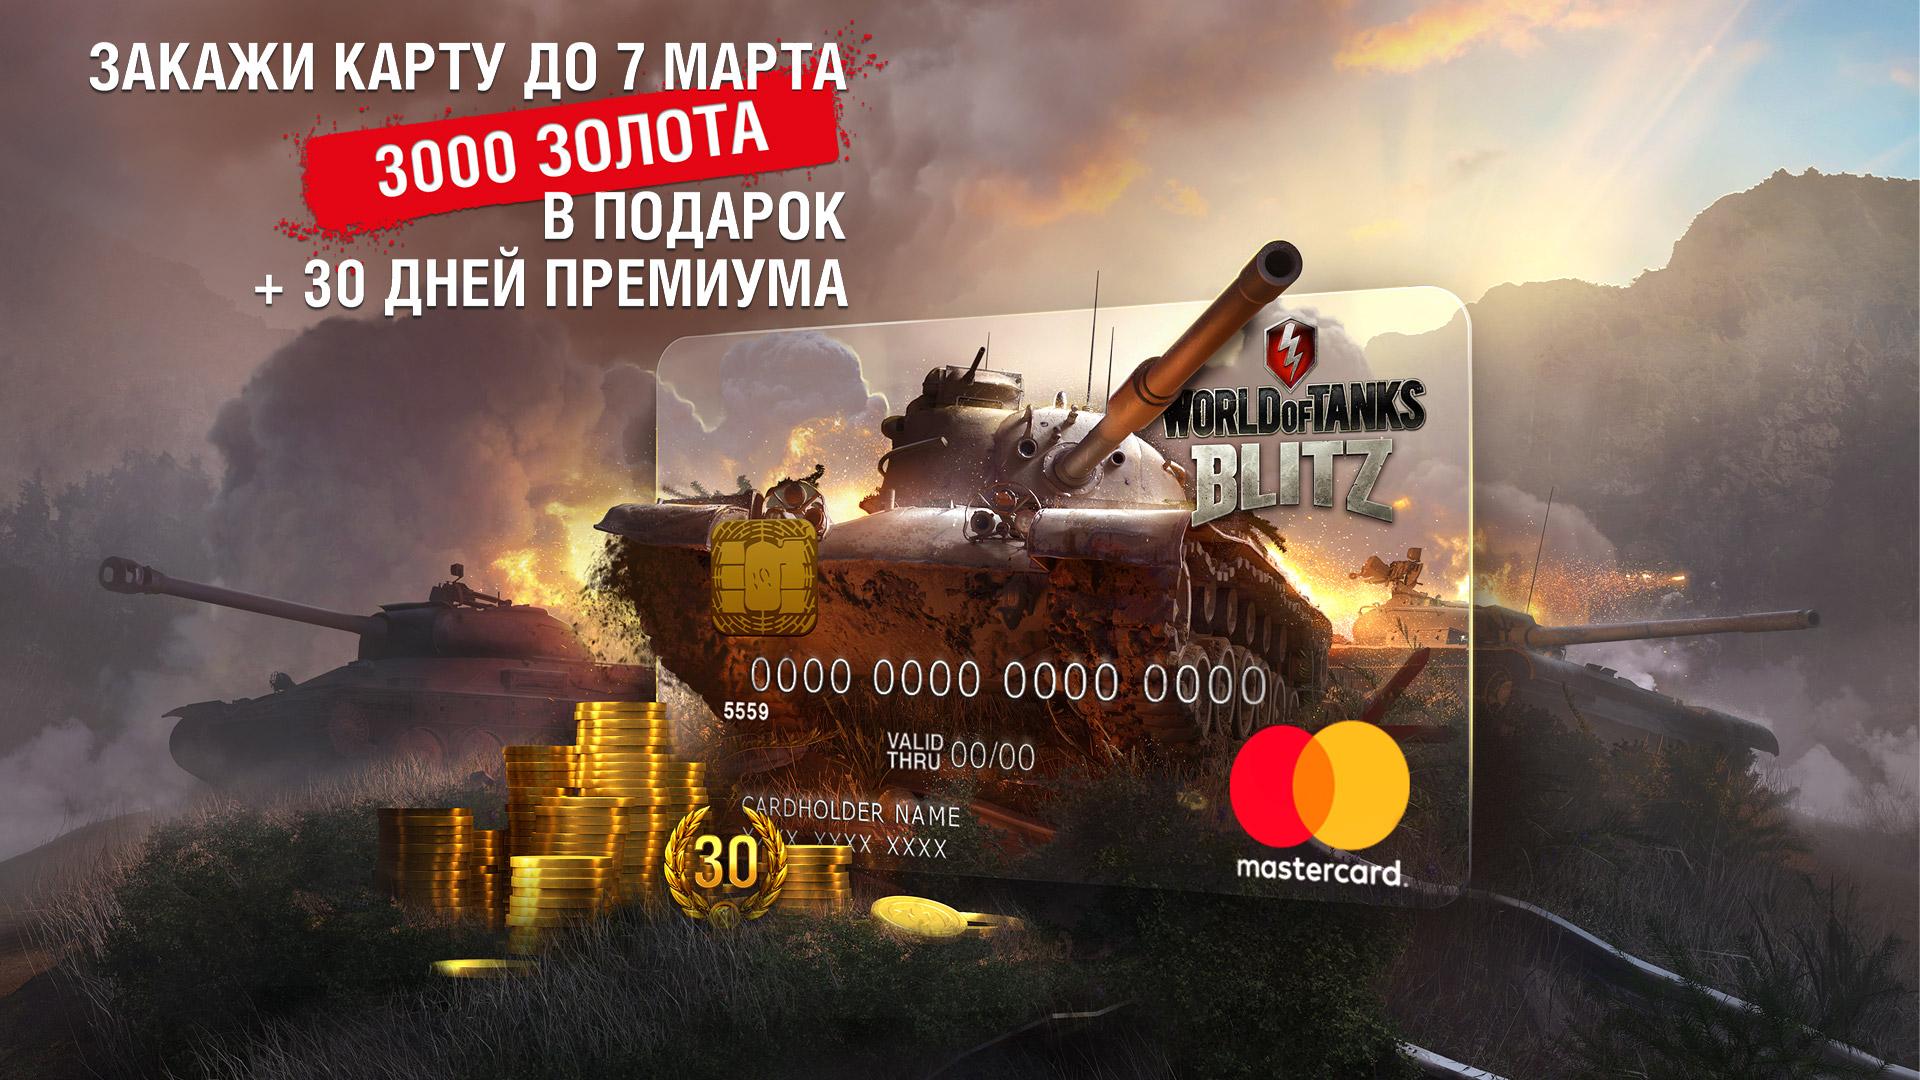 World of tanks играть на одной карте игровые автоматы играть бесплатно герминатор